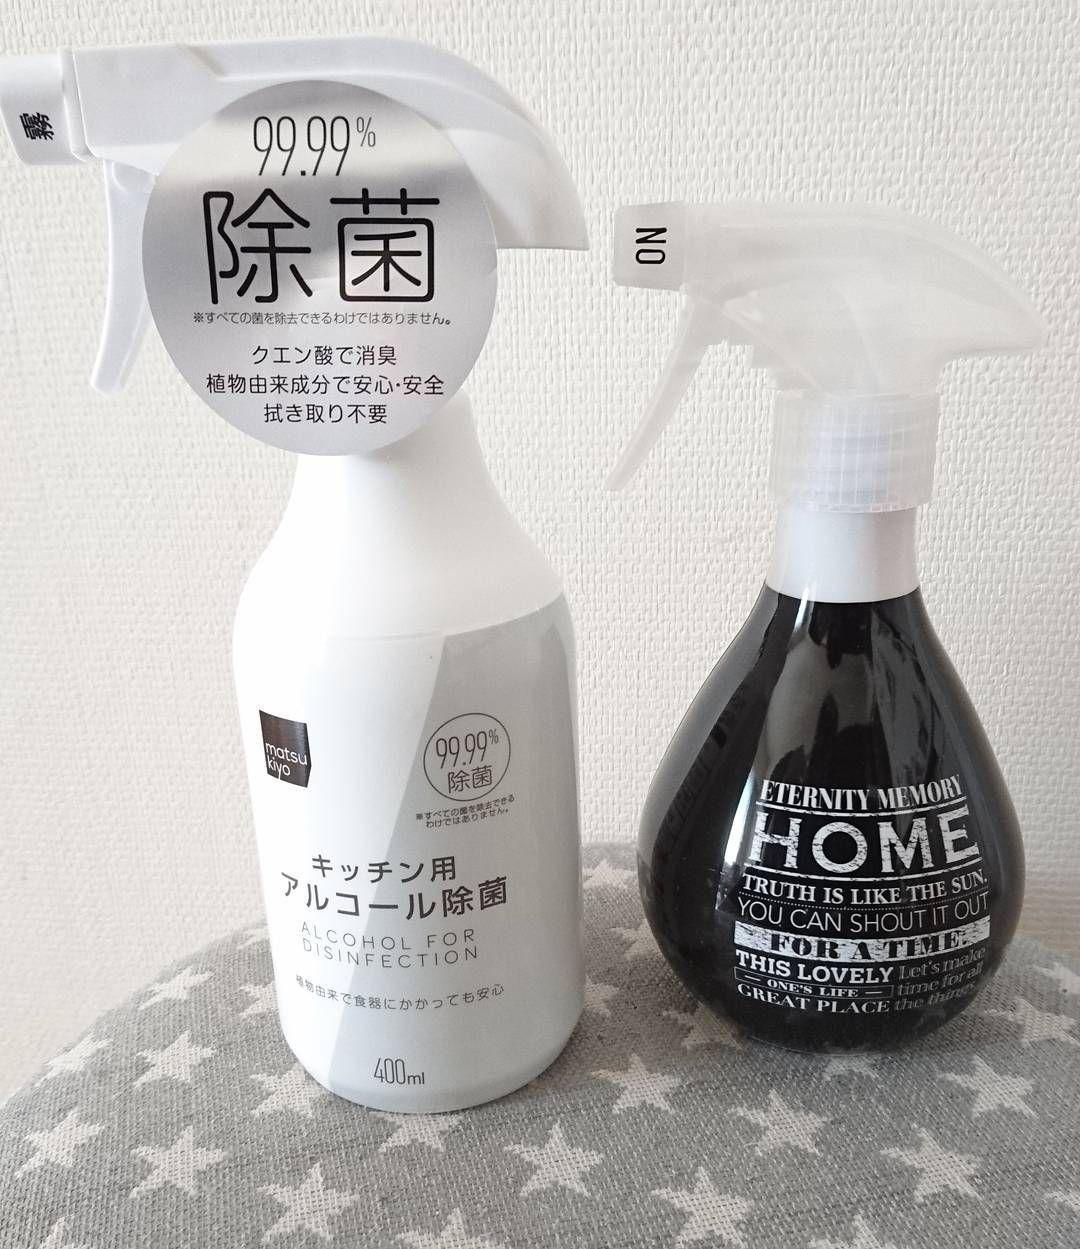 カインズ行ったらコレが買い 3千円台までの 実用的な名品 8選 カインズホーム お掃除 掃除 片付け